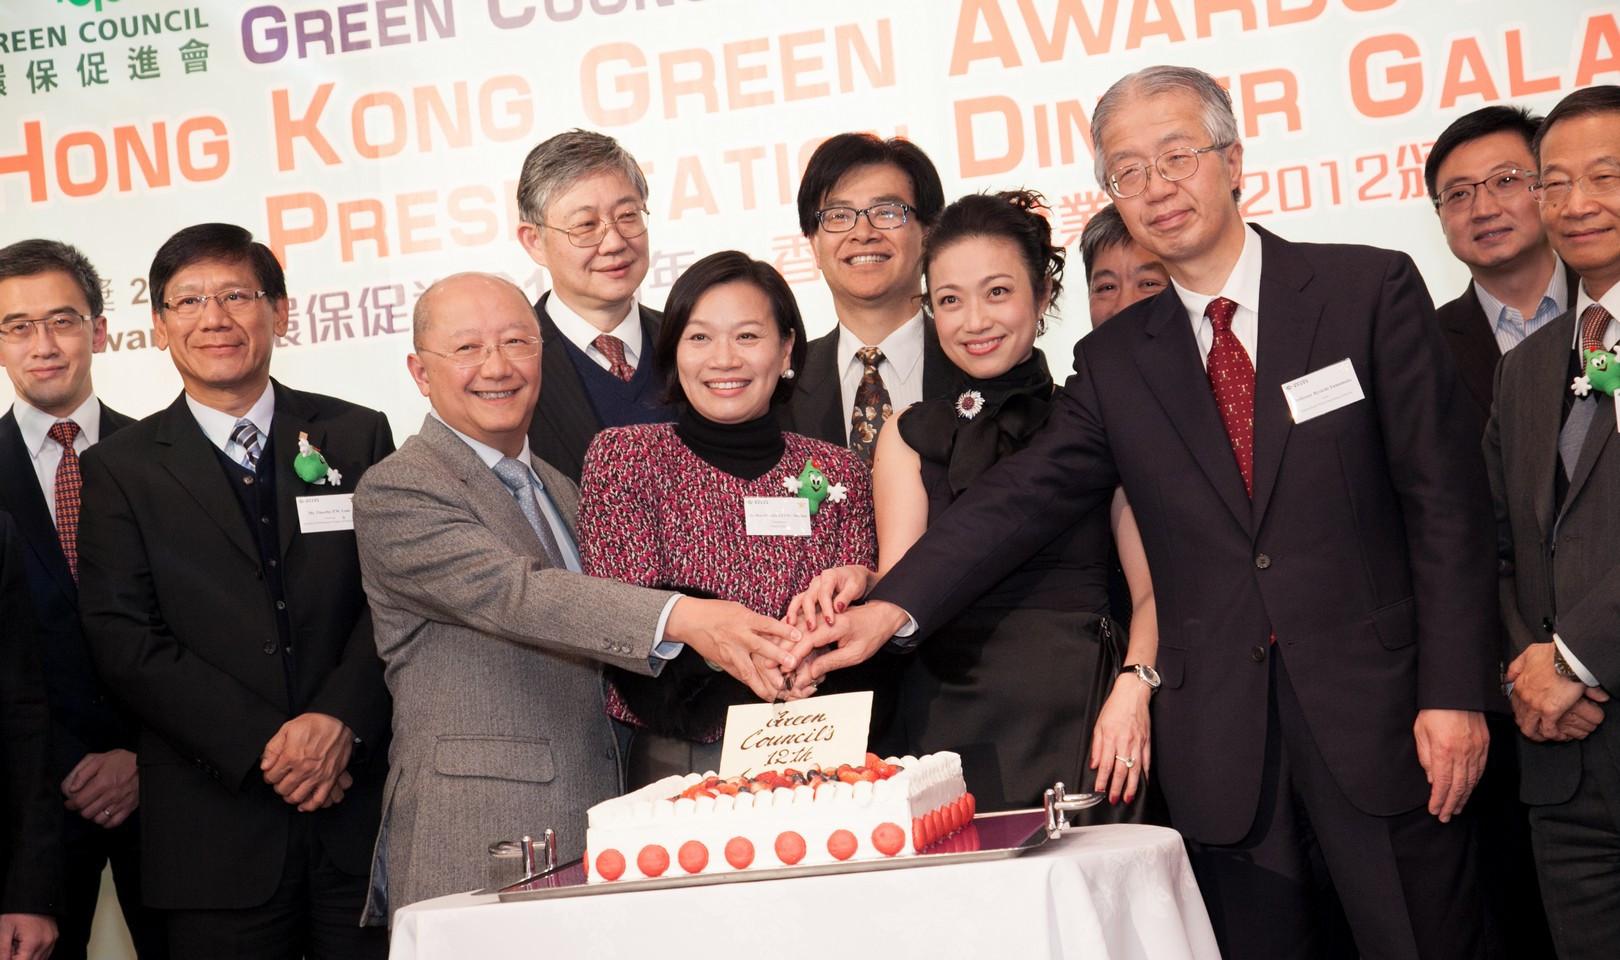 HKGA201202.jpg